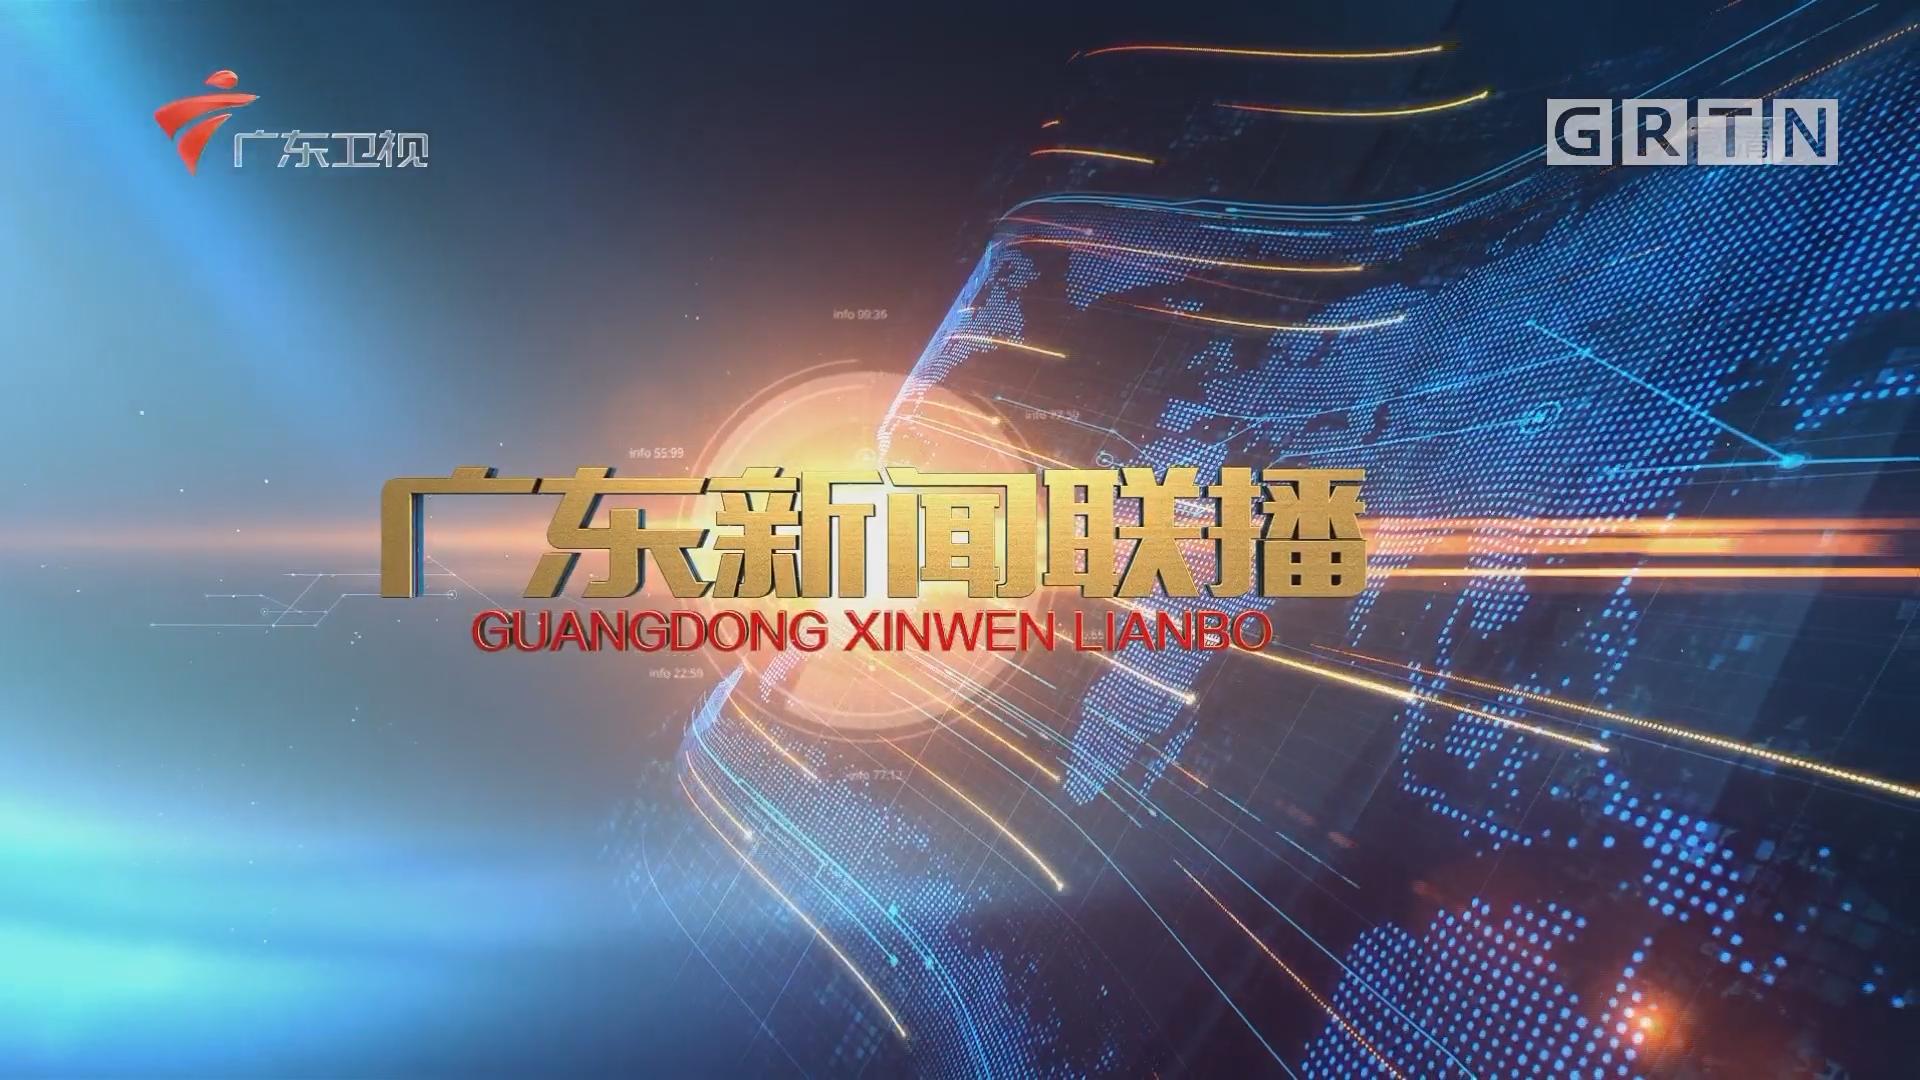 [HD][2018-05-21]广东新闻联播:从蛇口到前海:见证深圳新时代改革开放再出发